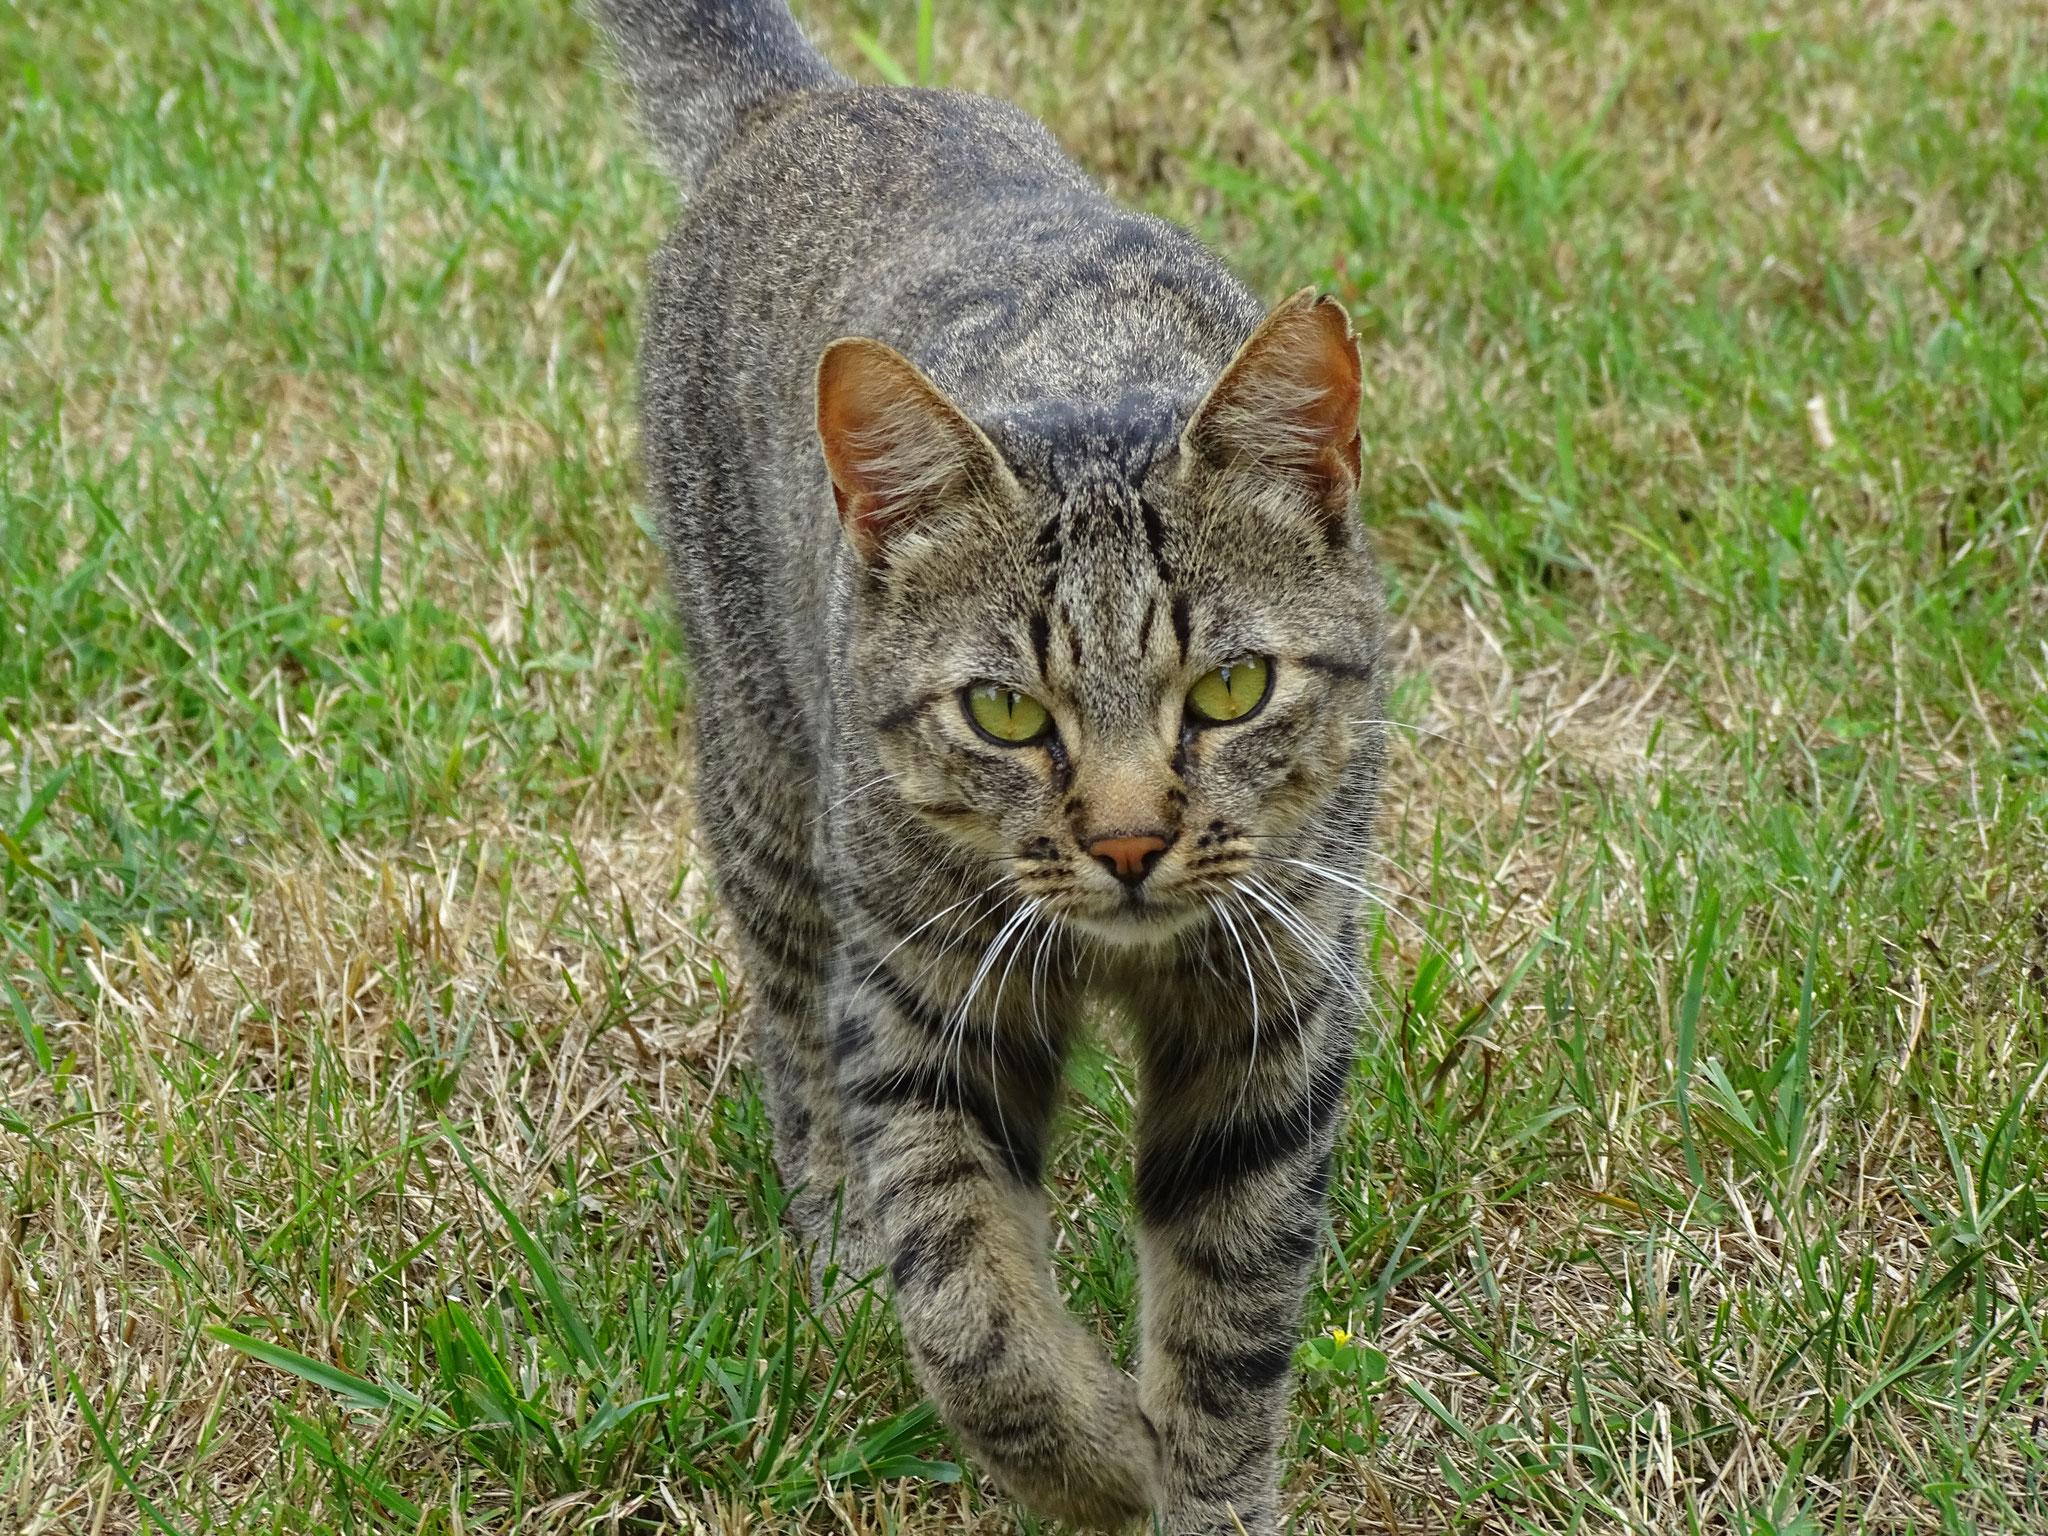 Le chat chasse les souris